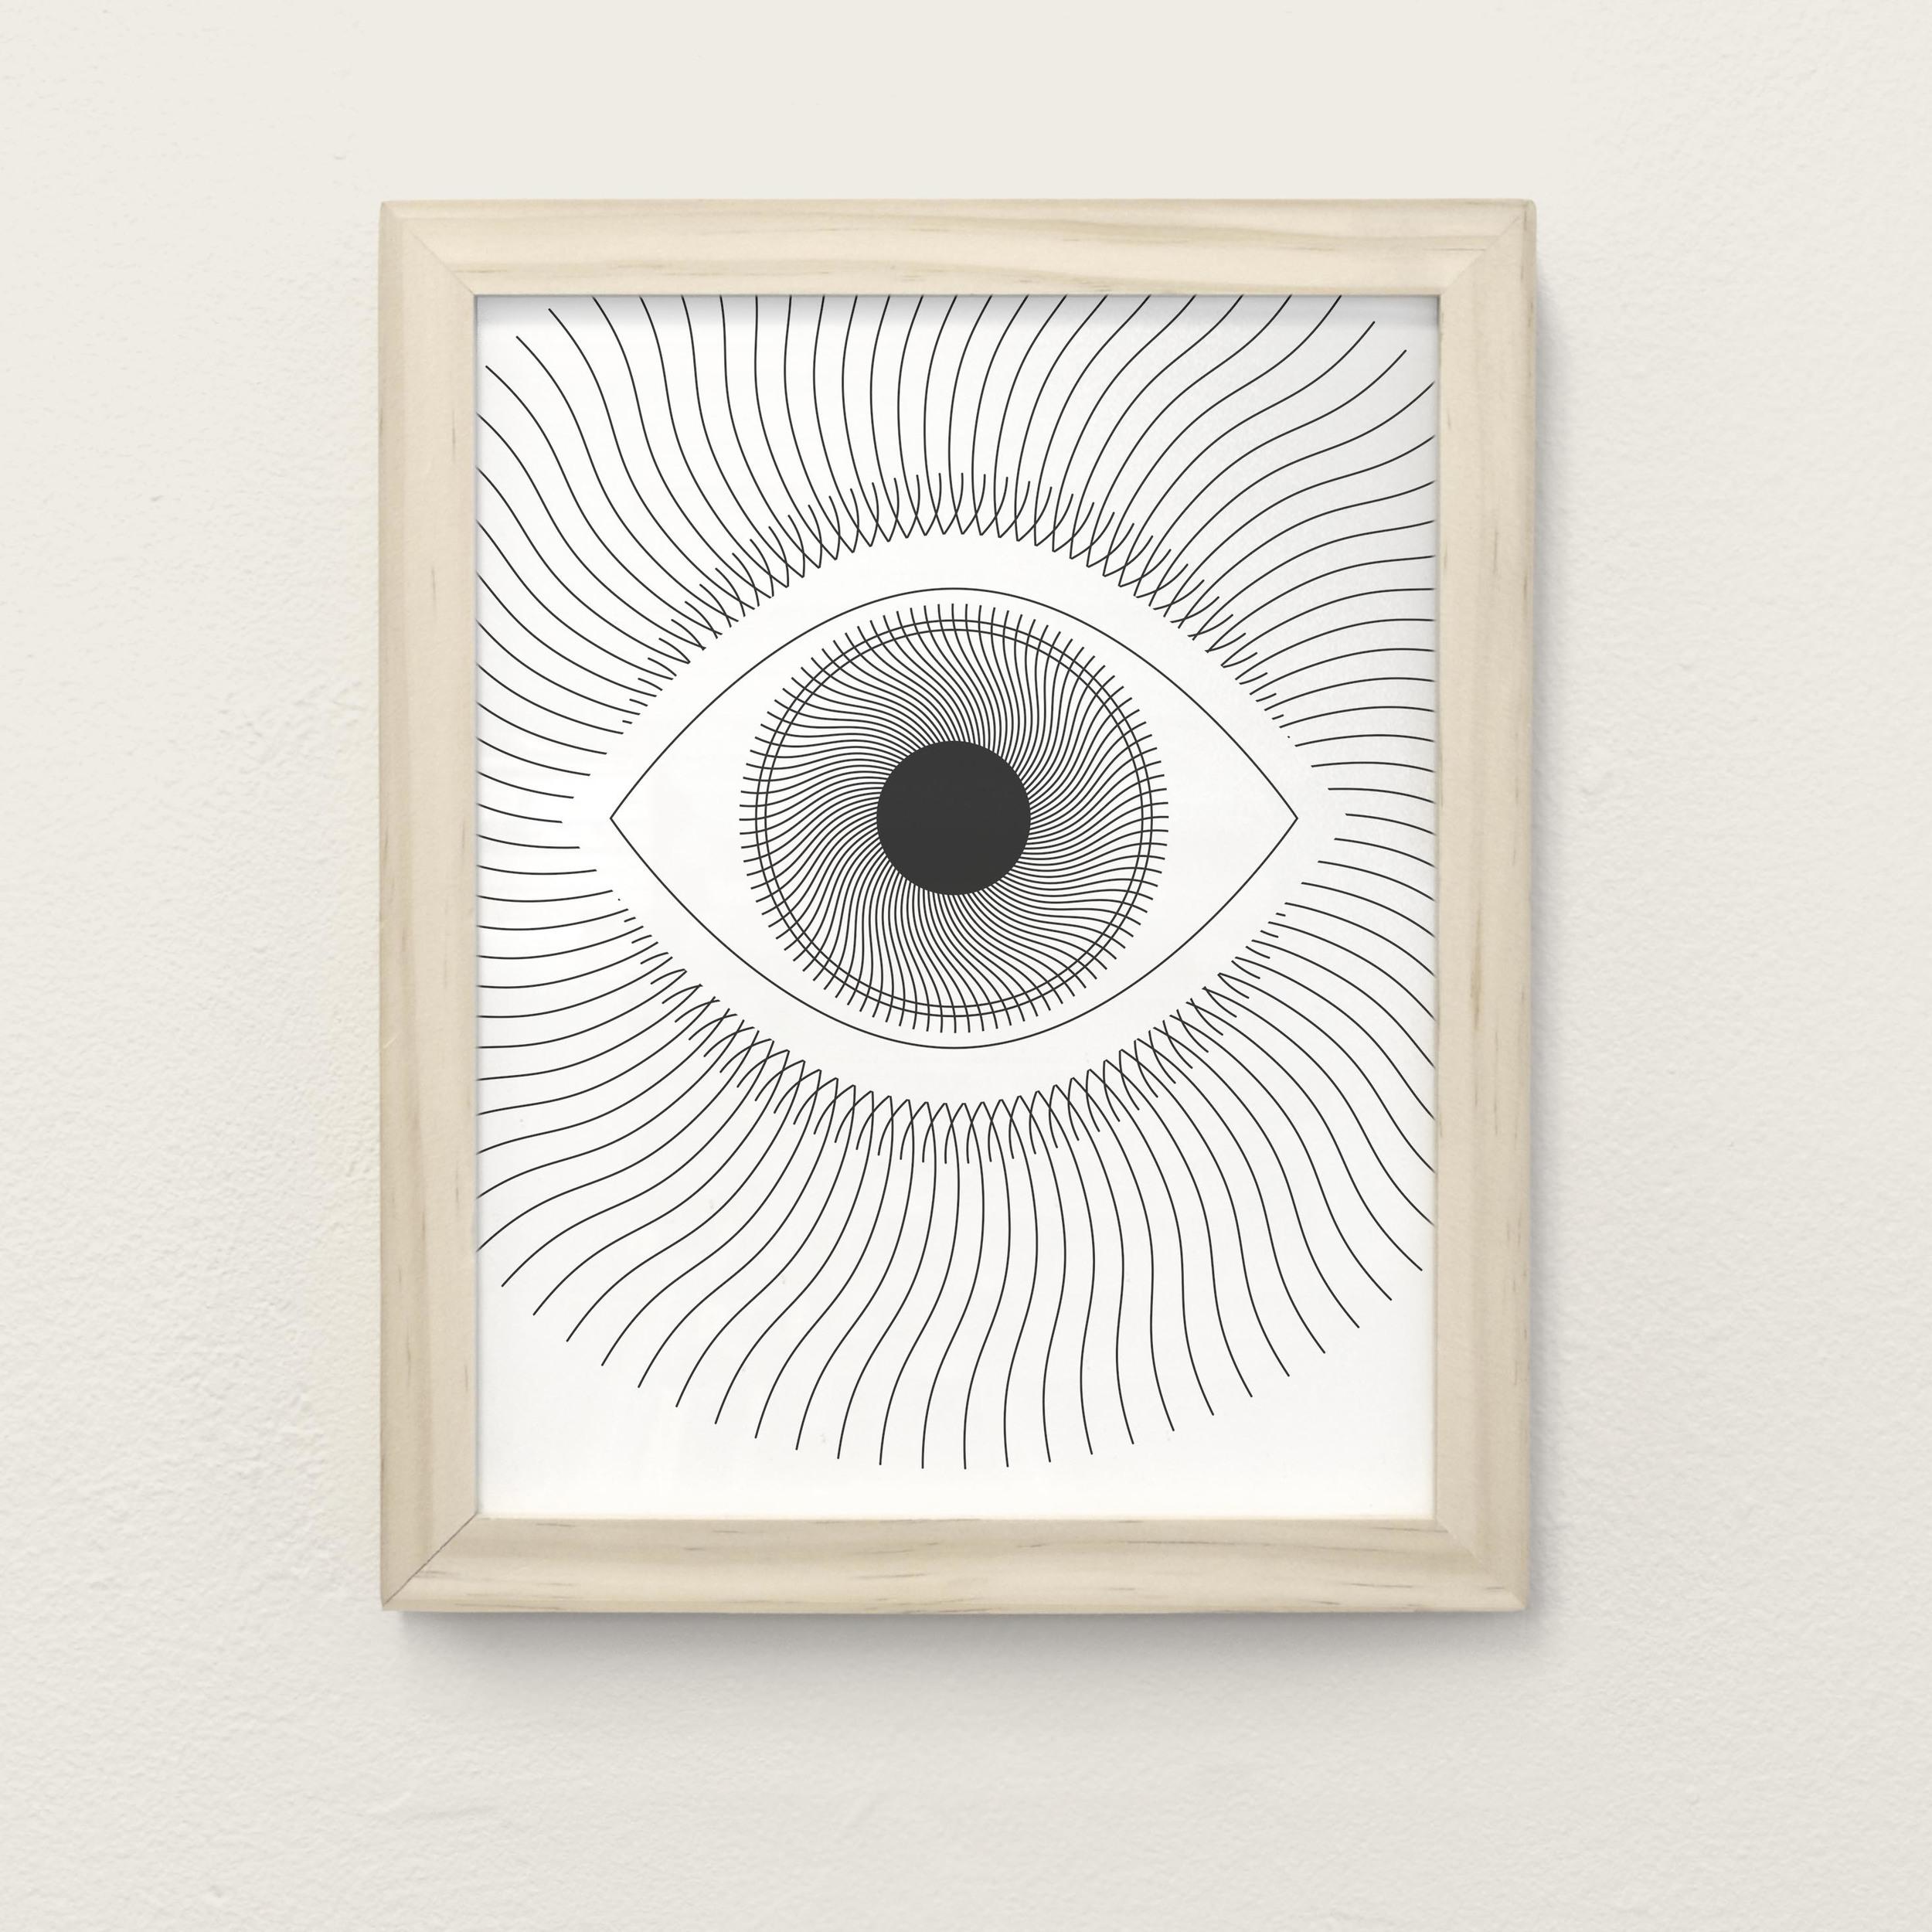 Framed-White_0010_Third Eye.jpg